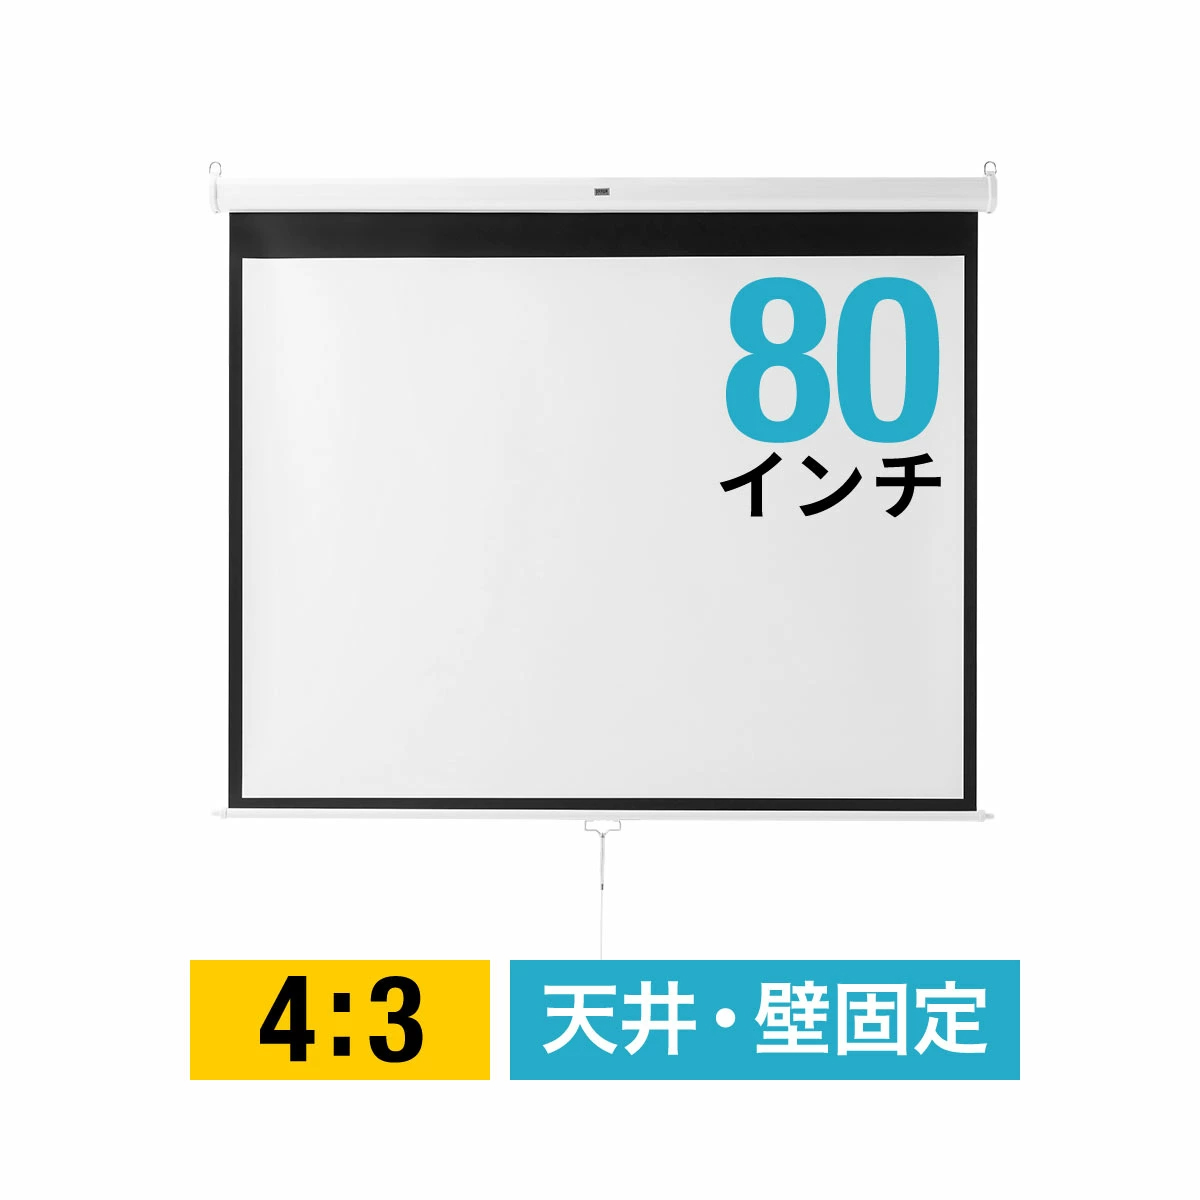 プロジェクタースクリーン 80インチ 4:3 吊り下げ式 天井 壁掛け ホームシアター スロー巻き上げ式 [100-PRS016]